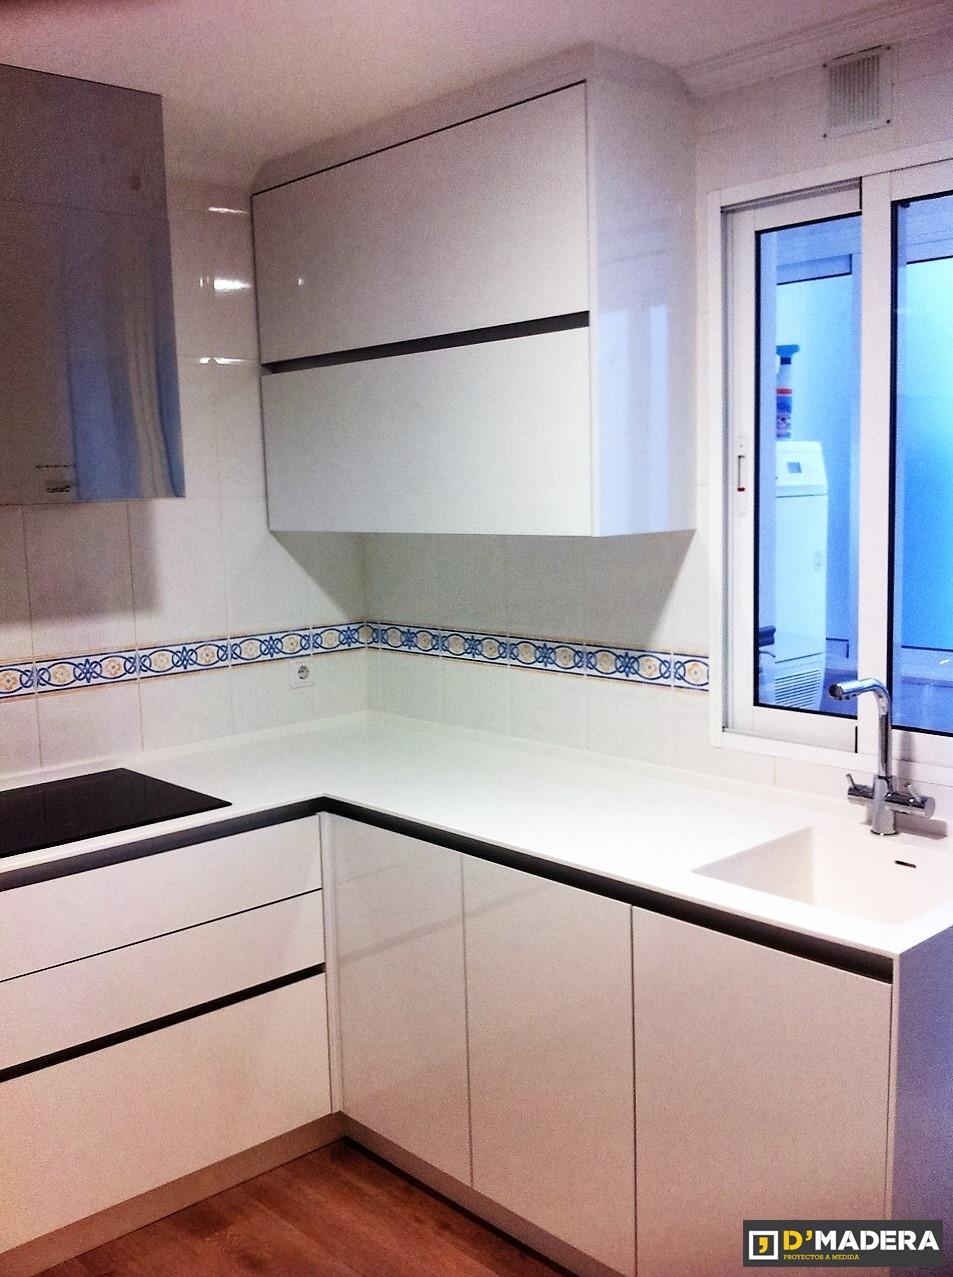 Cocina estratificado blanco brillo - Muebles de cocina clasicos ...